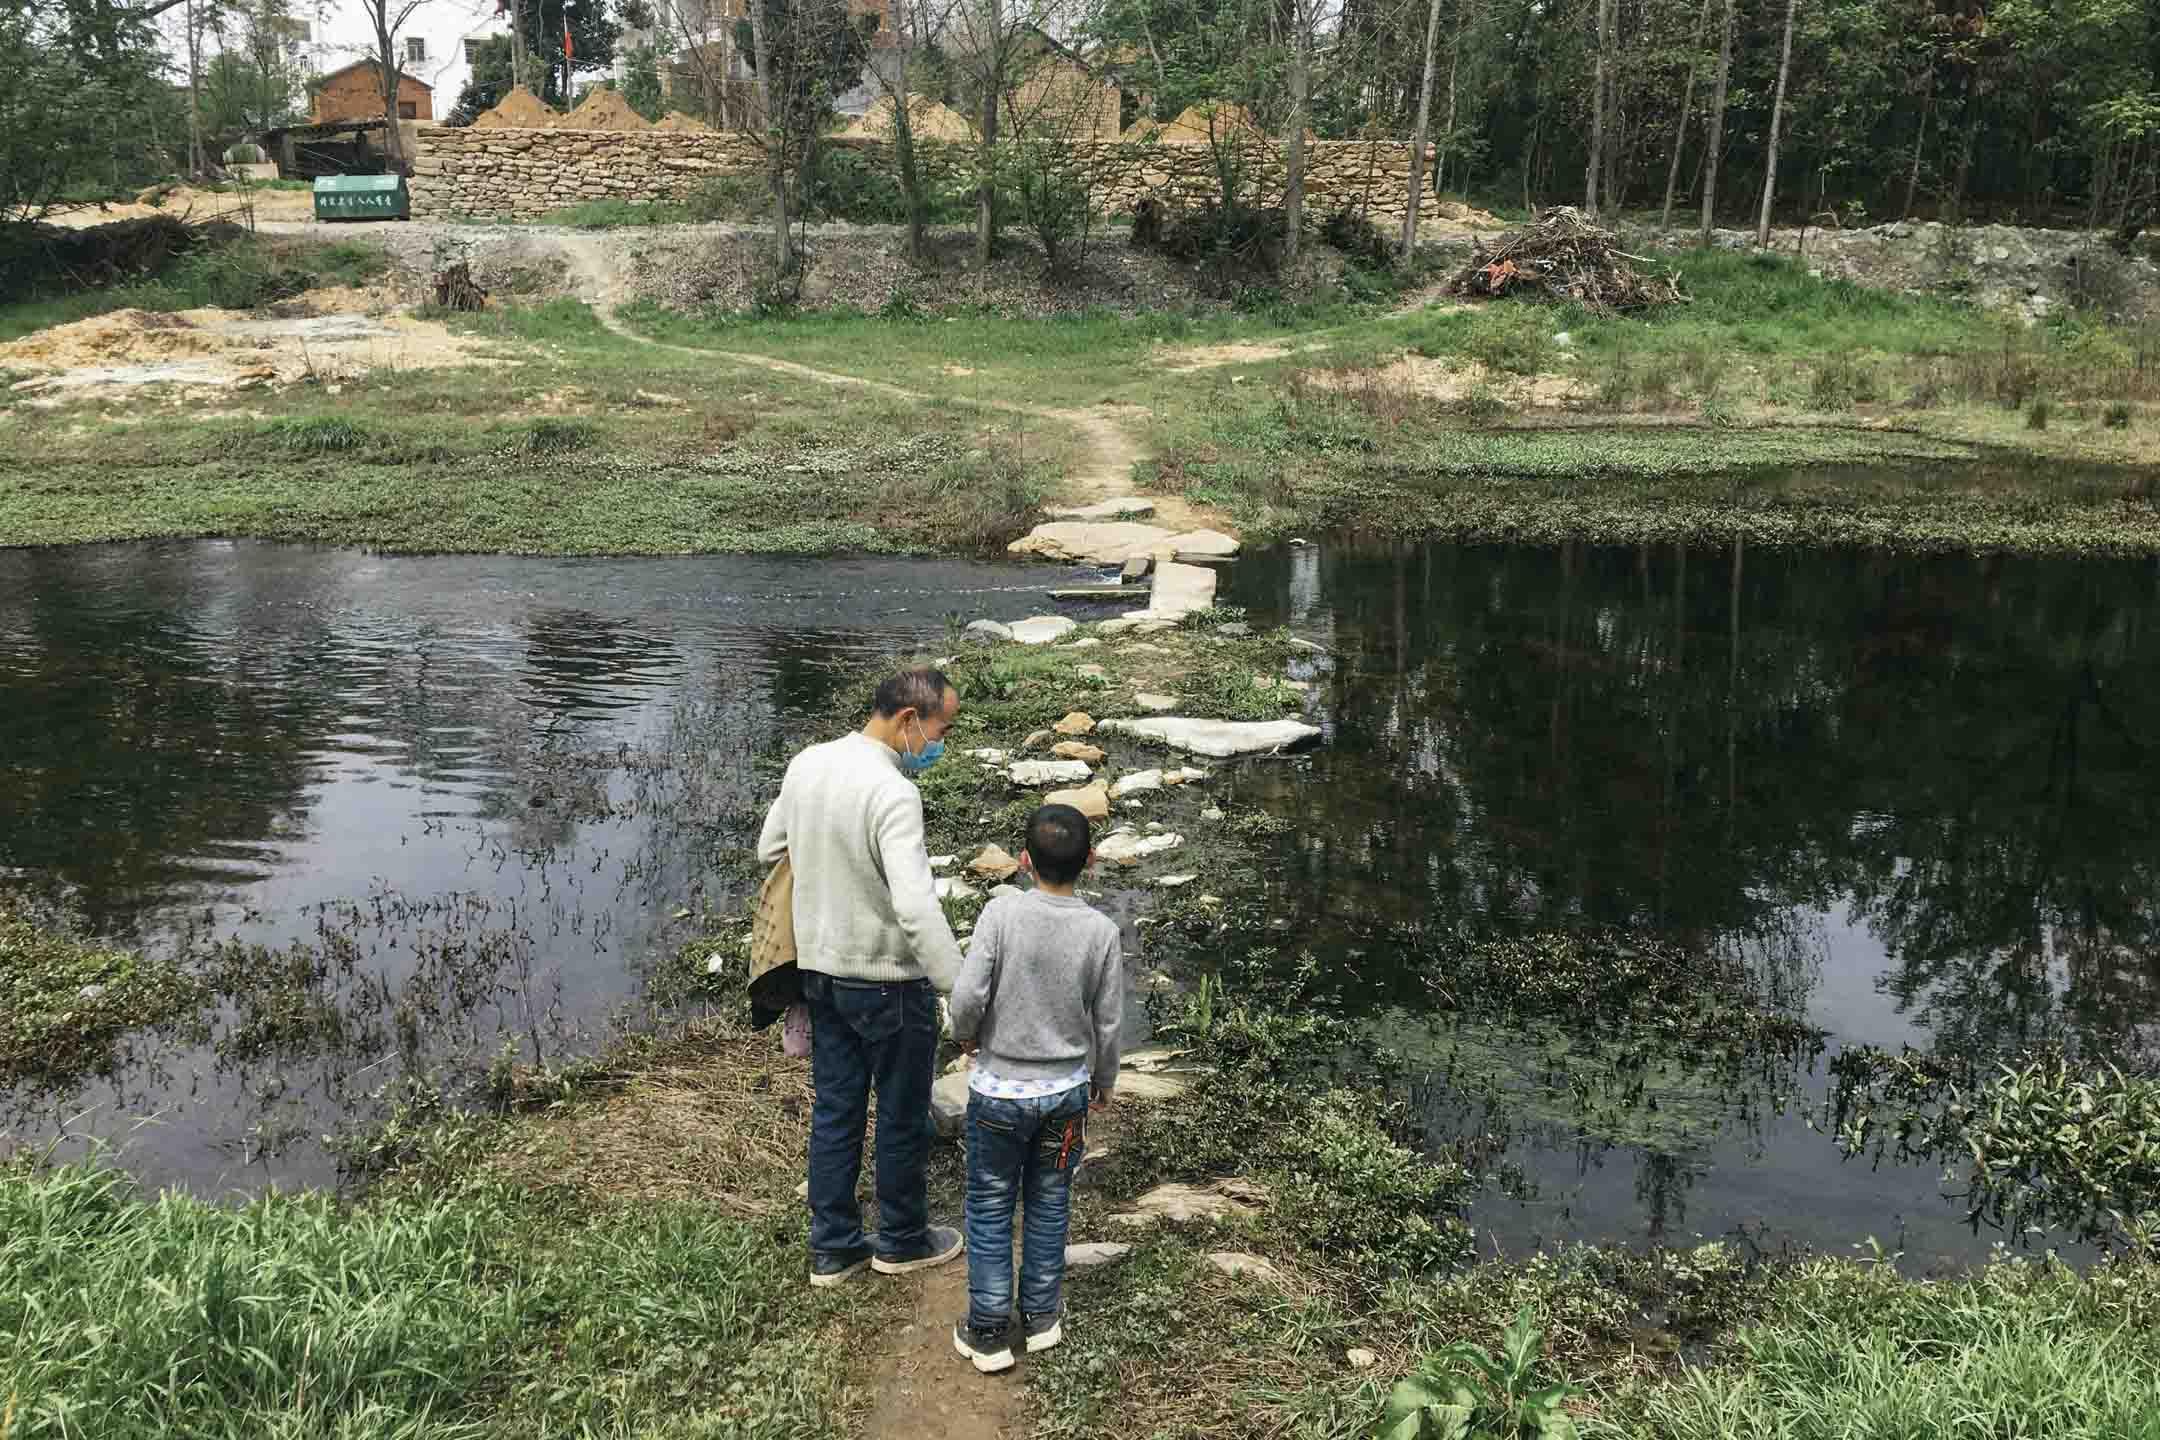 鄢小文與小兒子宏偉在鄢家村的一條河流前。 攝影:白素